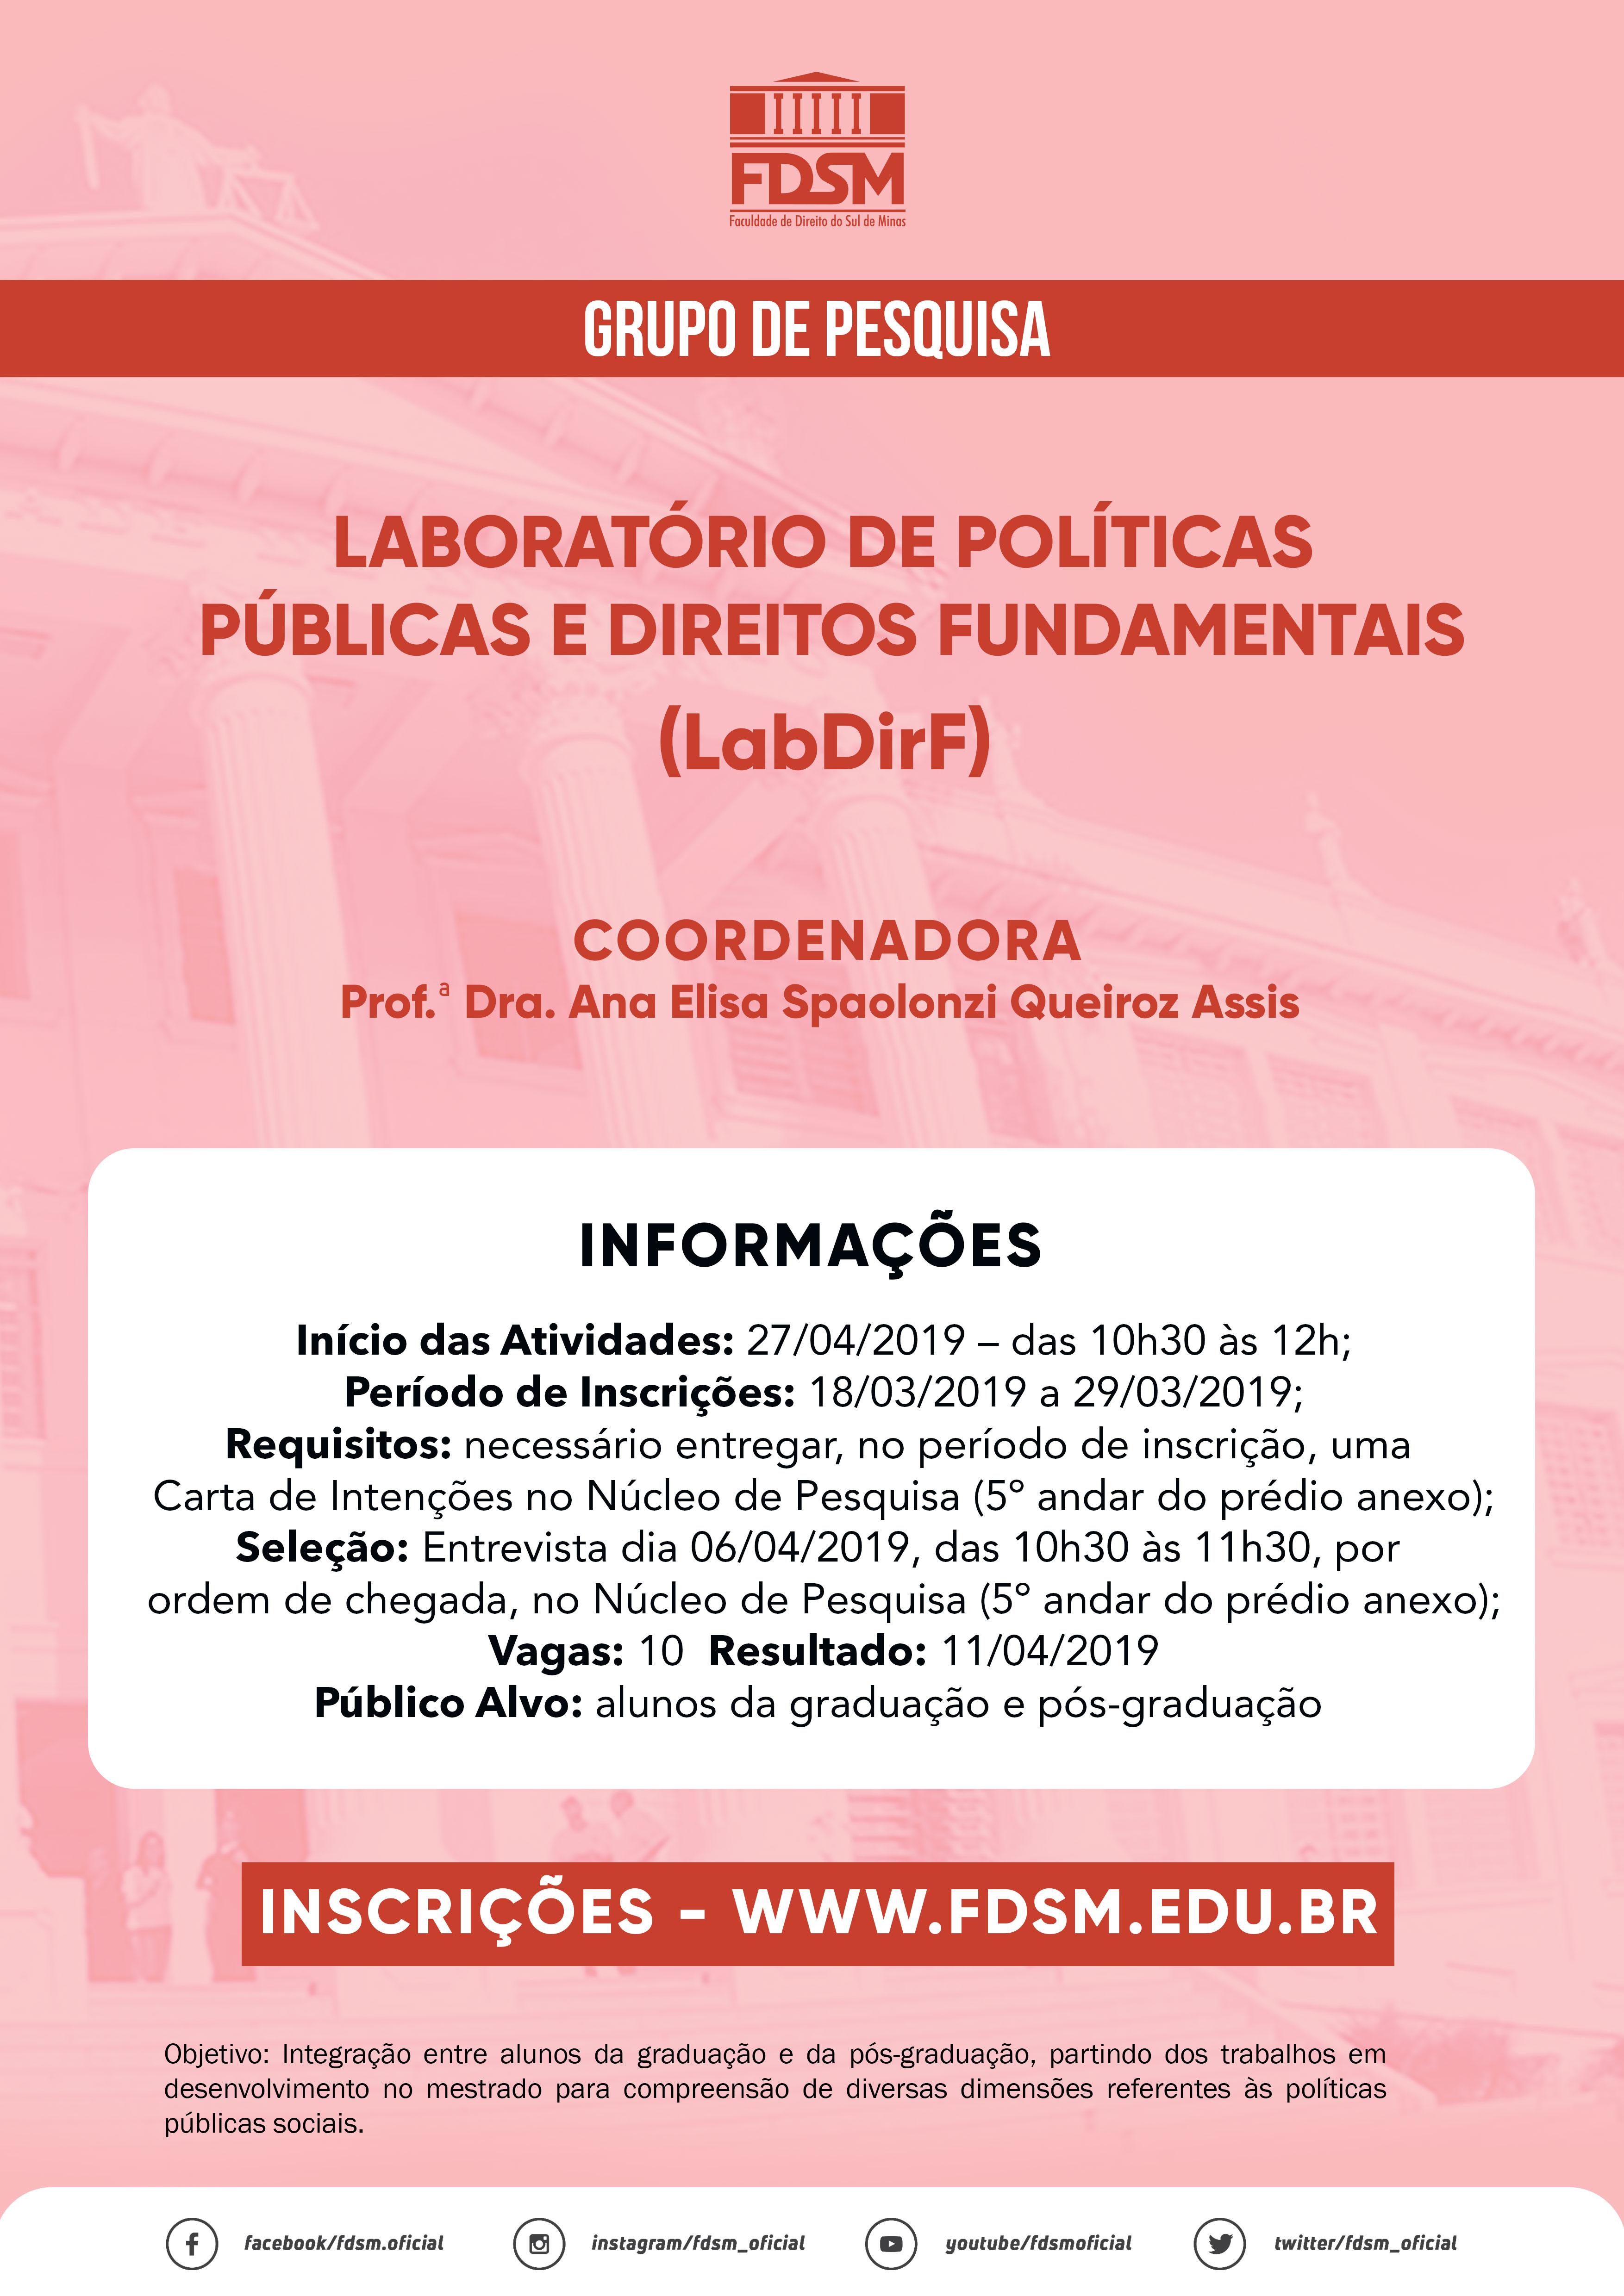 Grupo de Pesquisa: Laboratórios de Políticas Públicas e Direitos Fundamentais